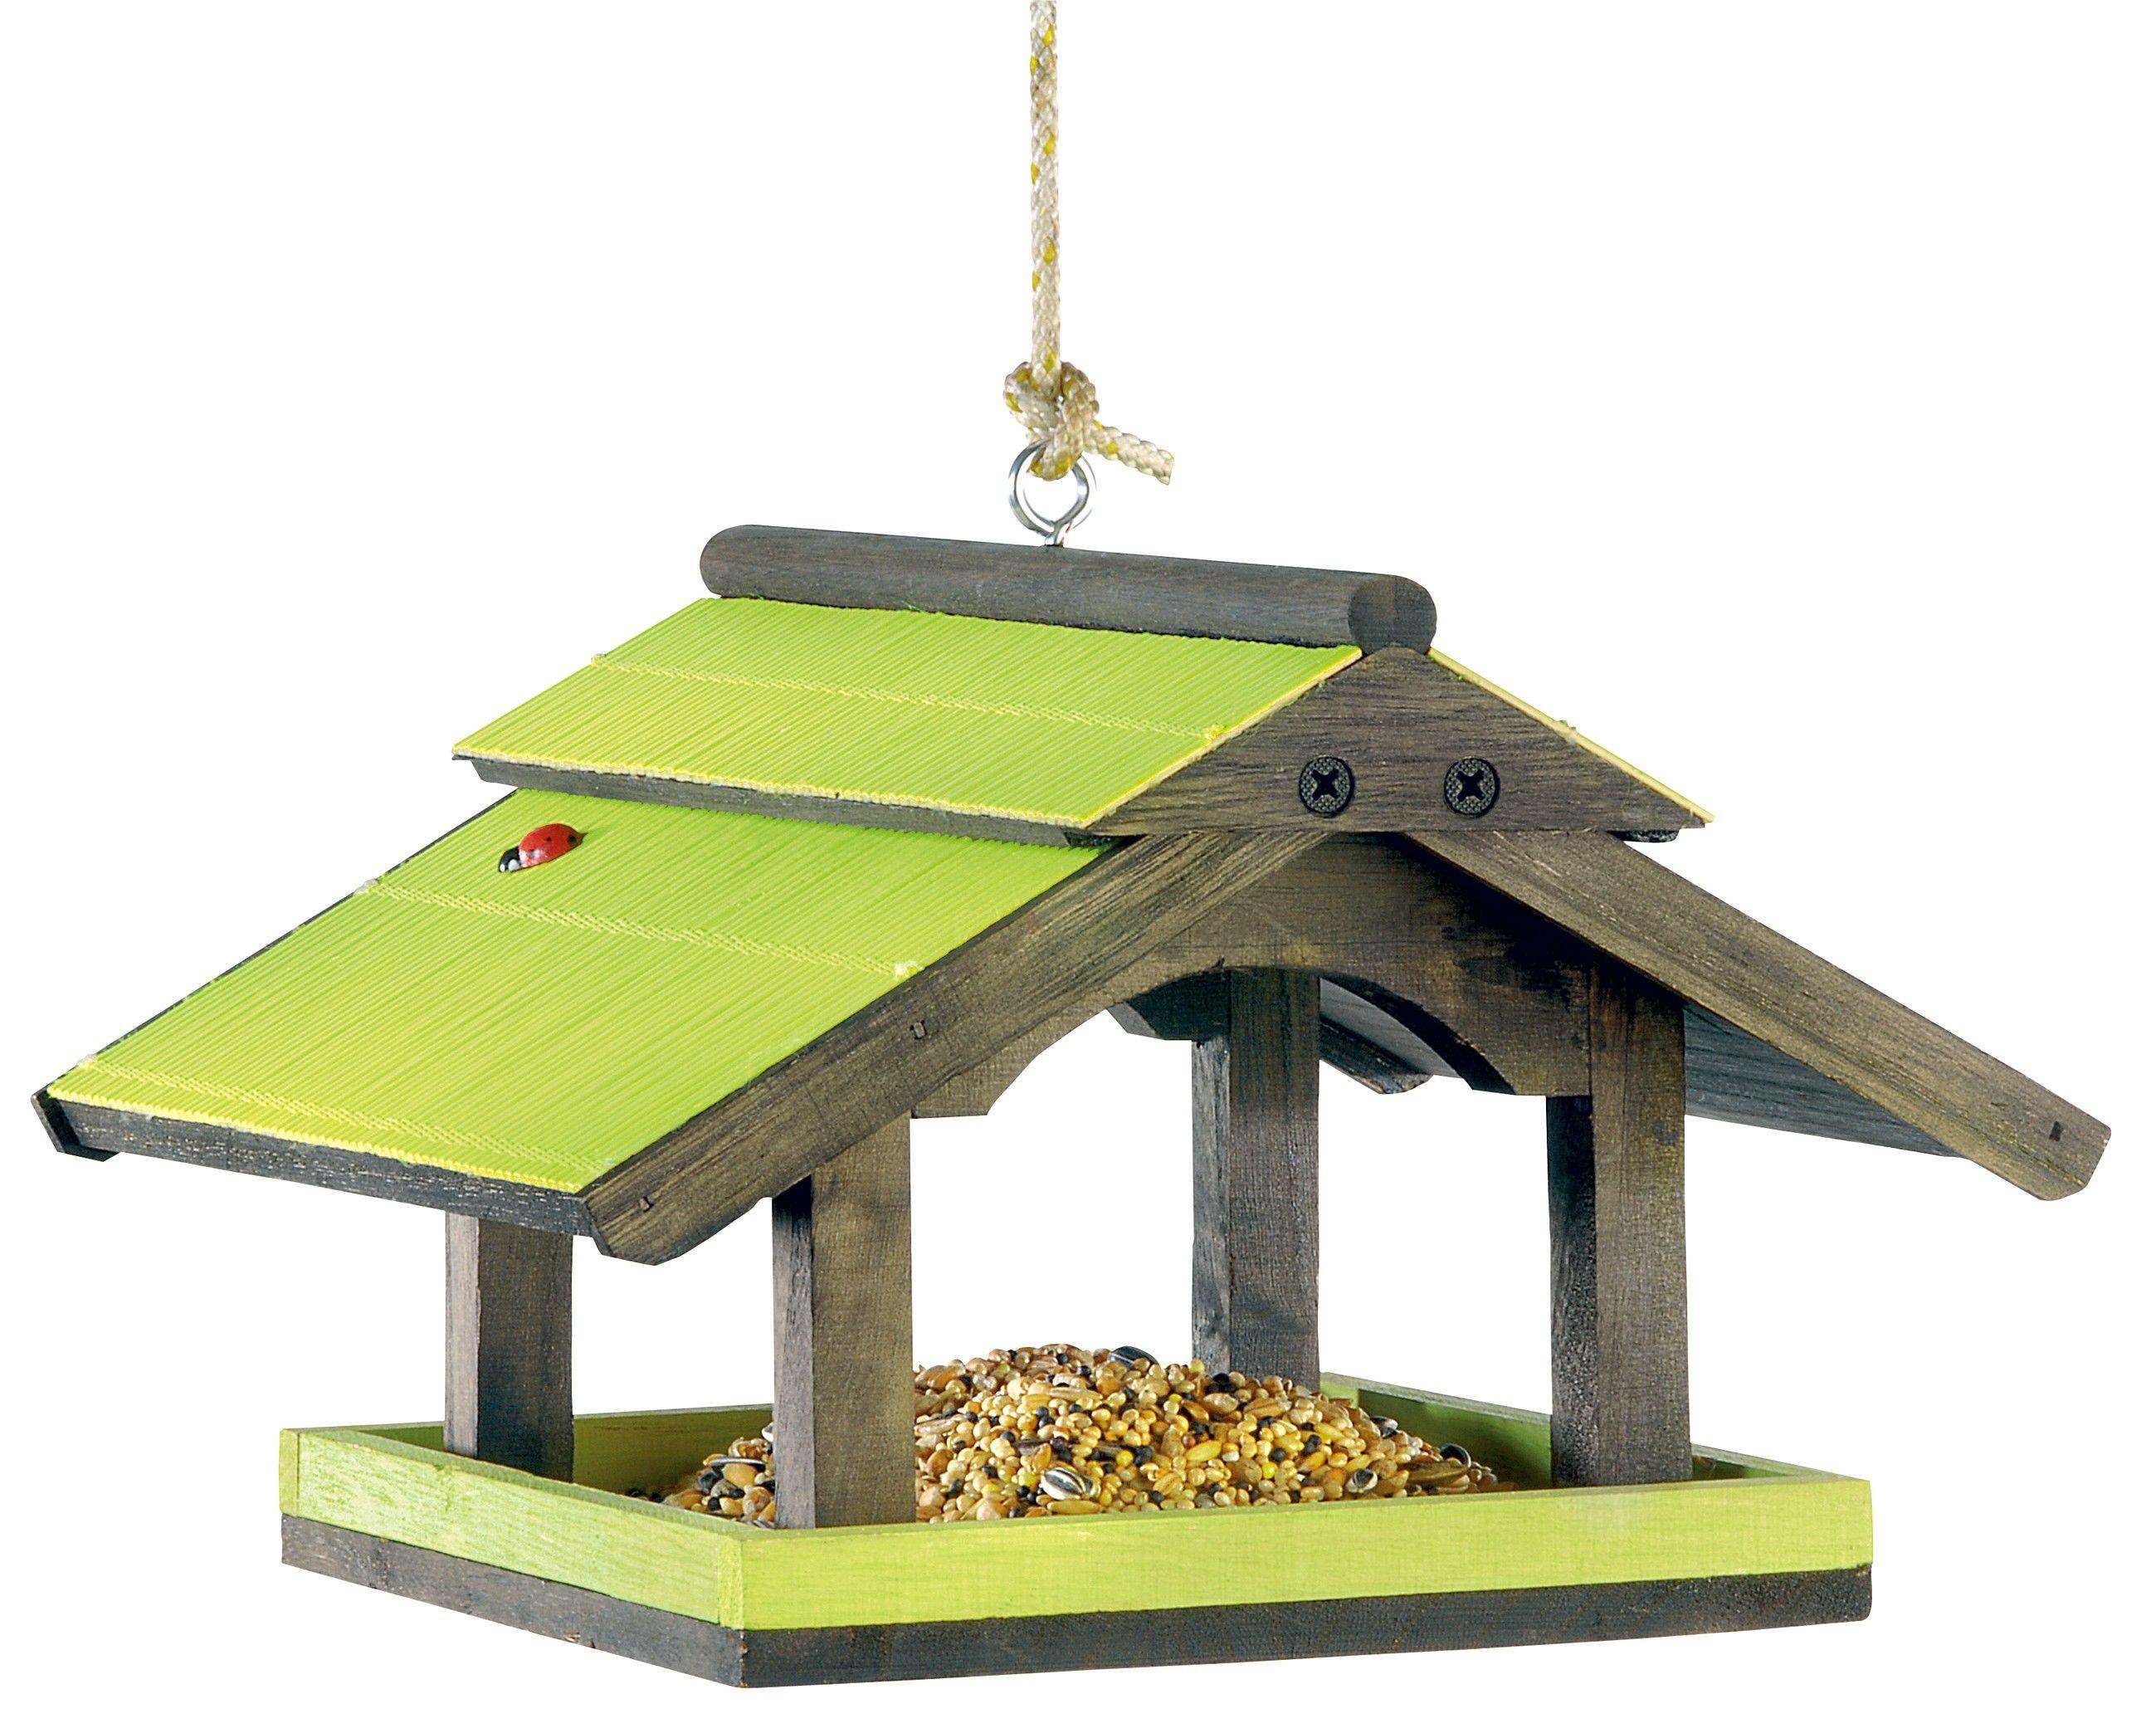 les oiseaux du ciel natura cabane oiseaux pinterest du ciel les oiseaux et cieux. Black Bedroom Furniture Sets. Home Design Ideas